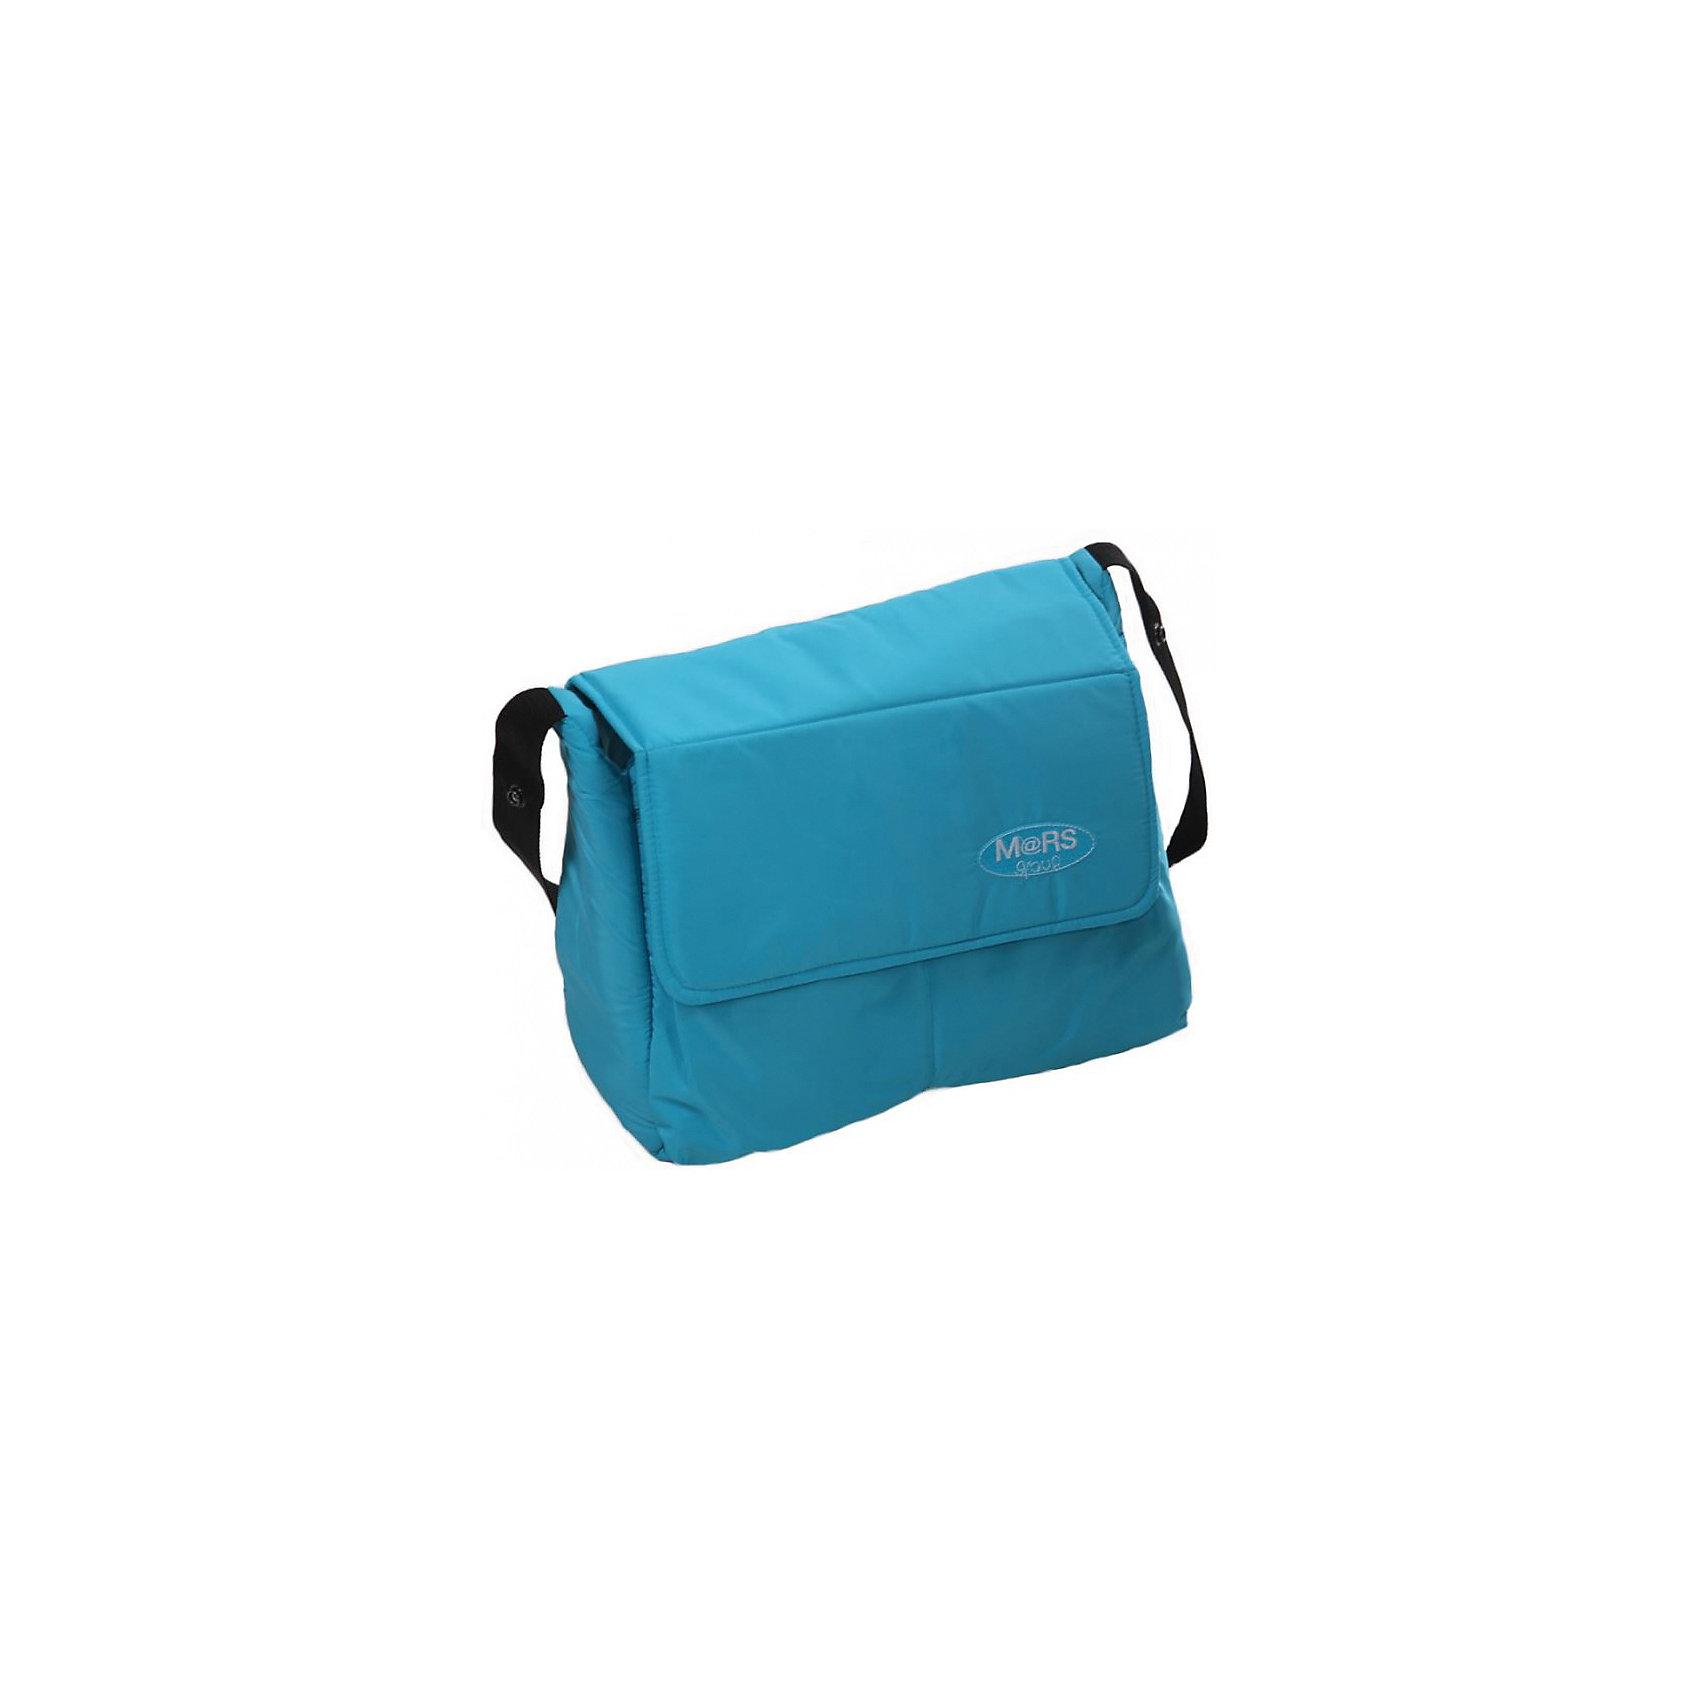 Сумка для мамы ВИКТОРИЯ, Лео, бирюзовыйУдобная качественная сумка создана специально для мам. Она позволяет с удобством разместить все необходимые малышу вещи. На сумке - удобный широкий ремень для переноски. Она крепится на коляску с помощью кнопок. <br>Сумка сшита из непромокаемого материала. Модель  - очень удобная и прочная. Изделие произведено из качественных и безопасных для малышей материалов, оно соответствуют всем современным требованиям безопасности.<br> <br>Дополнительная информация:<br><br>цвет: бирюзовый;<br>материал: текстиль;<br>оснащена ремнем для переноски;<br>материал непромокаемый;<br>к коляске крепится кнопками;<br>вес: 0.35 кг.<br><br>Сумку для мамы ВИКТОРИЯ, бирюзовый, от компании Лео можно купить в нашем магазине.<br><br>Ширина мм: 330<br>Глубина мм: 250<br>Высота мм: 150<br>Вес г: 350<br>Возраст от месяцев: 0<br>Возраст до месяцев: 36<br>Пол: Унисекс<br>Возраст: Детский<br>SKU: 4720078